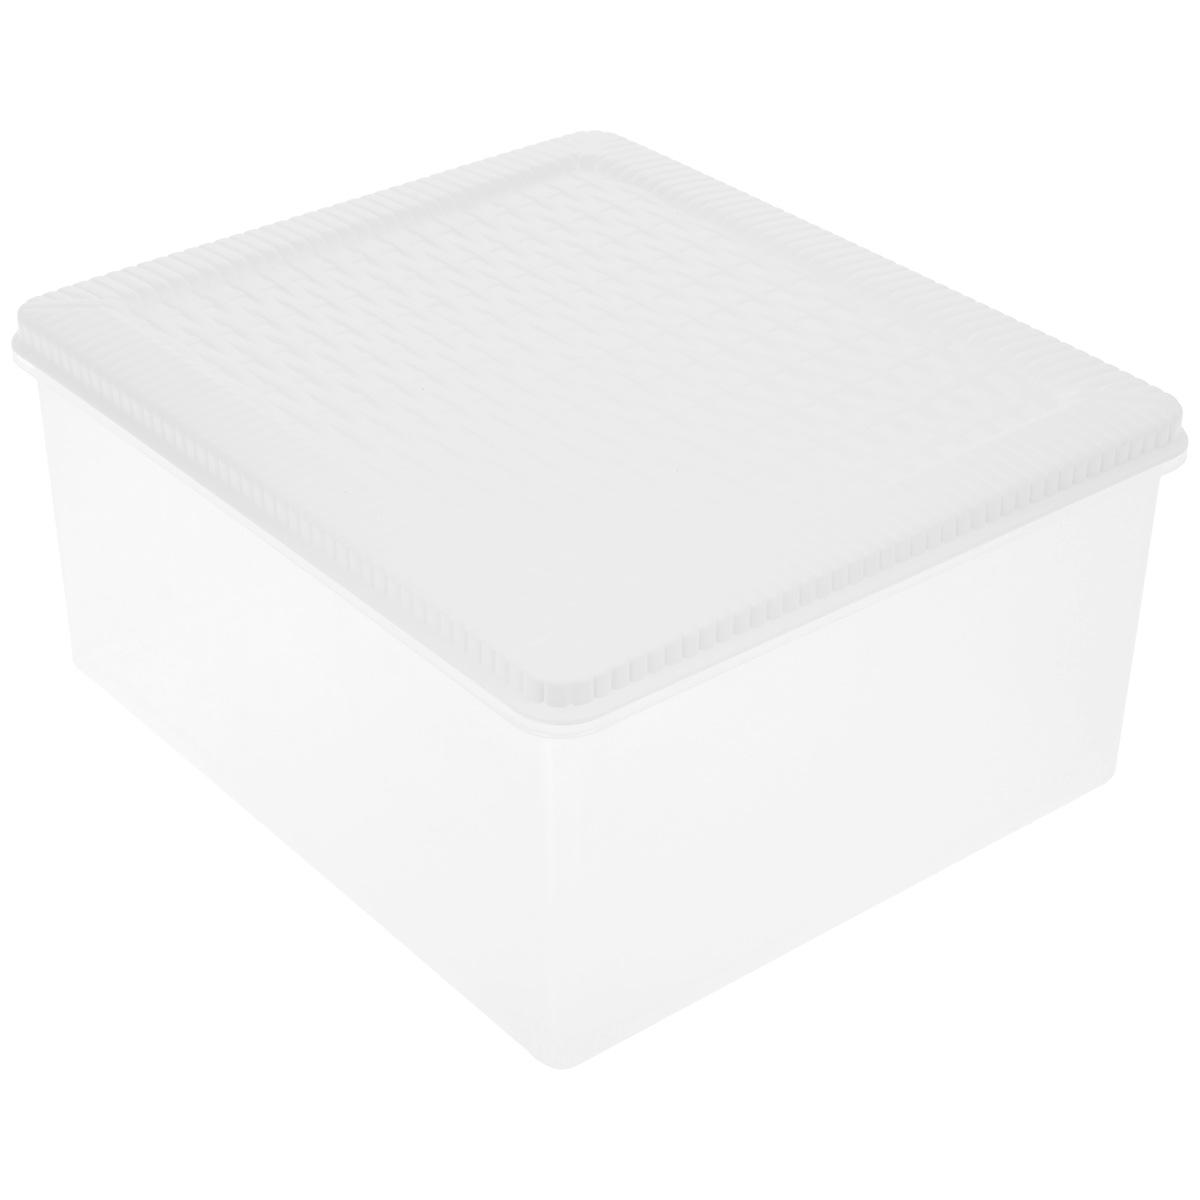 Контейнер хозяйственный Gensini Rattan, с крышкой, цвет: белый, прозрачный, 10 лES-412Универсальный контейнер Gensini Rattan прямоугольной формы прекрасно подойдет для хранения небольших игрушек в детской комнате, бумаг и документов, инструментов и многого другого. Он изготовлен из высококачественного пластика. Благодаря прозрачности вы всегда сможете видеть содержимое контейнера и без труда отыщите нужную вам вещь. Контейнер плотно закрывается крышкой. Удобный и легкий контейнер позволит вам хранить вещи в полном порядке, а благодаря современному дизайну он впишется в любой интерьер.